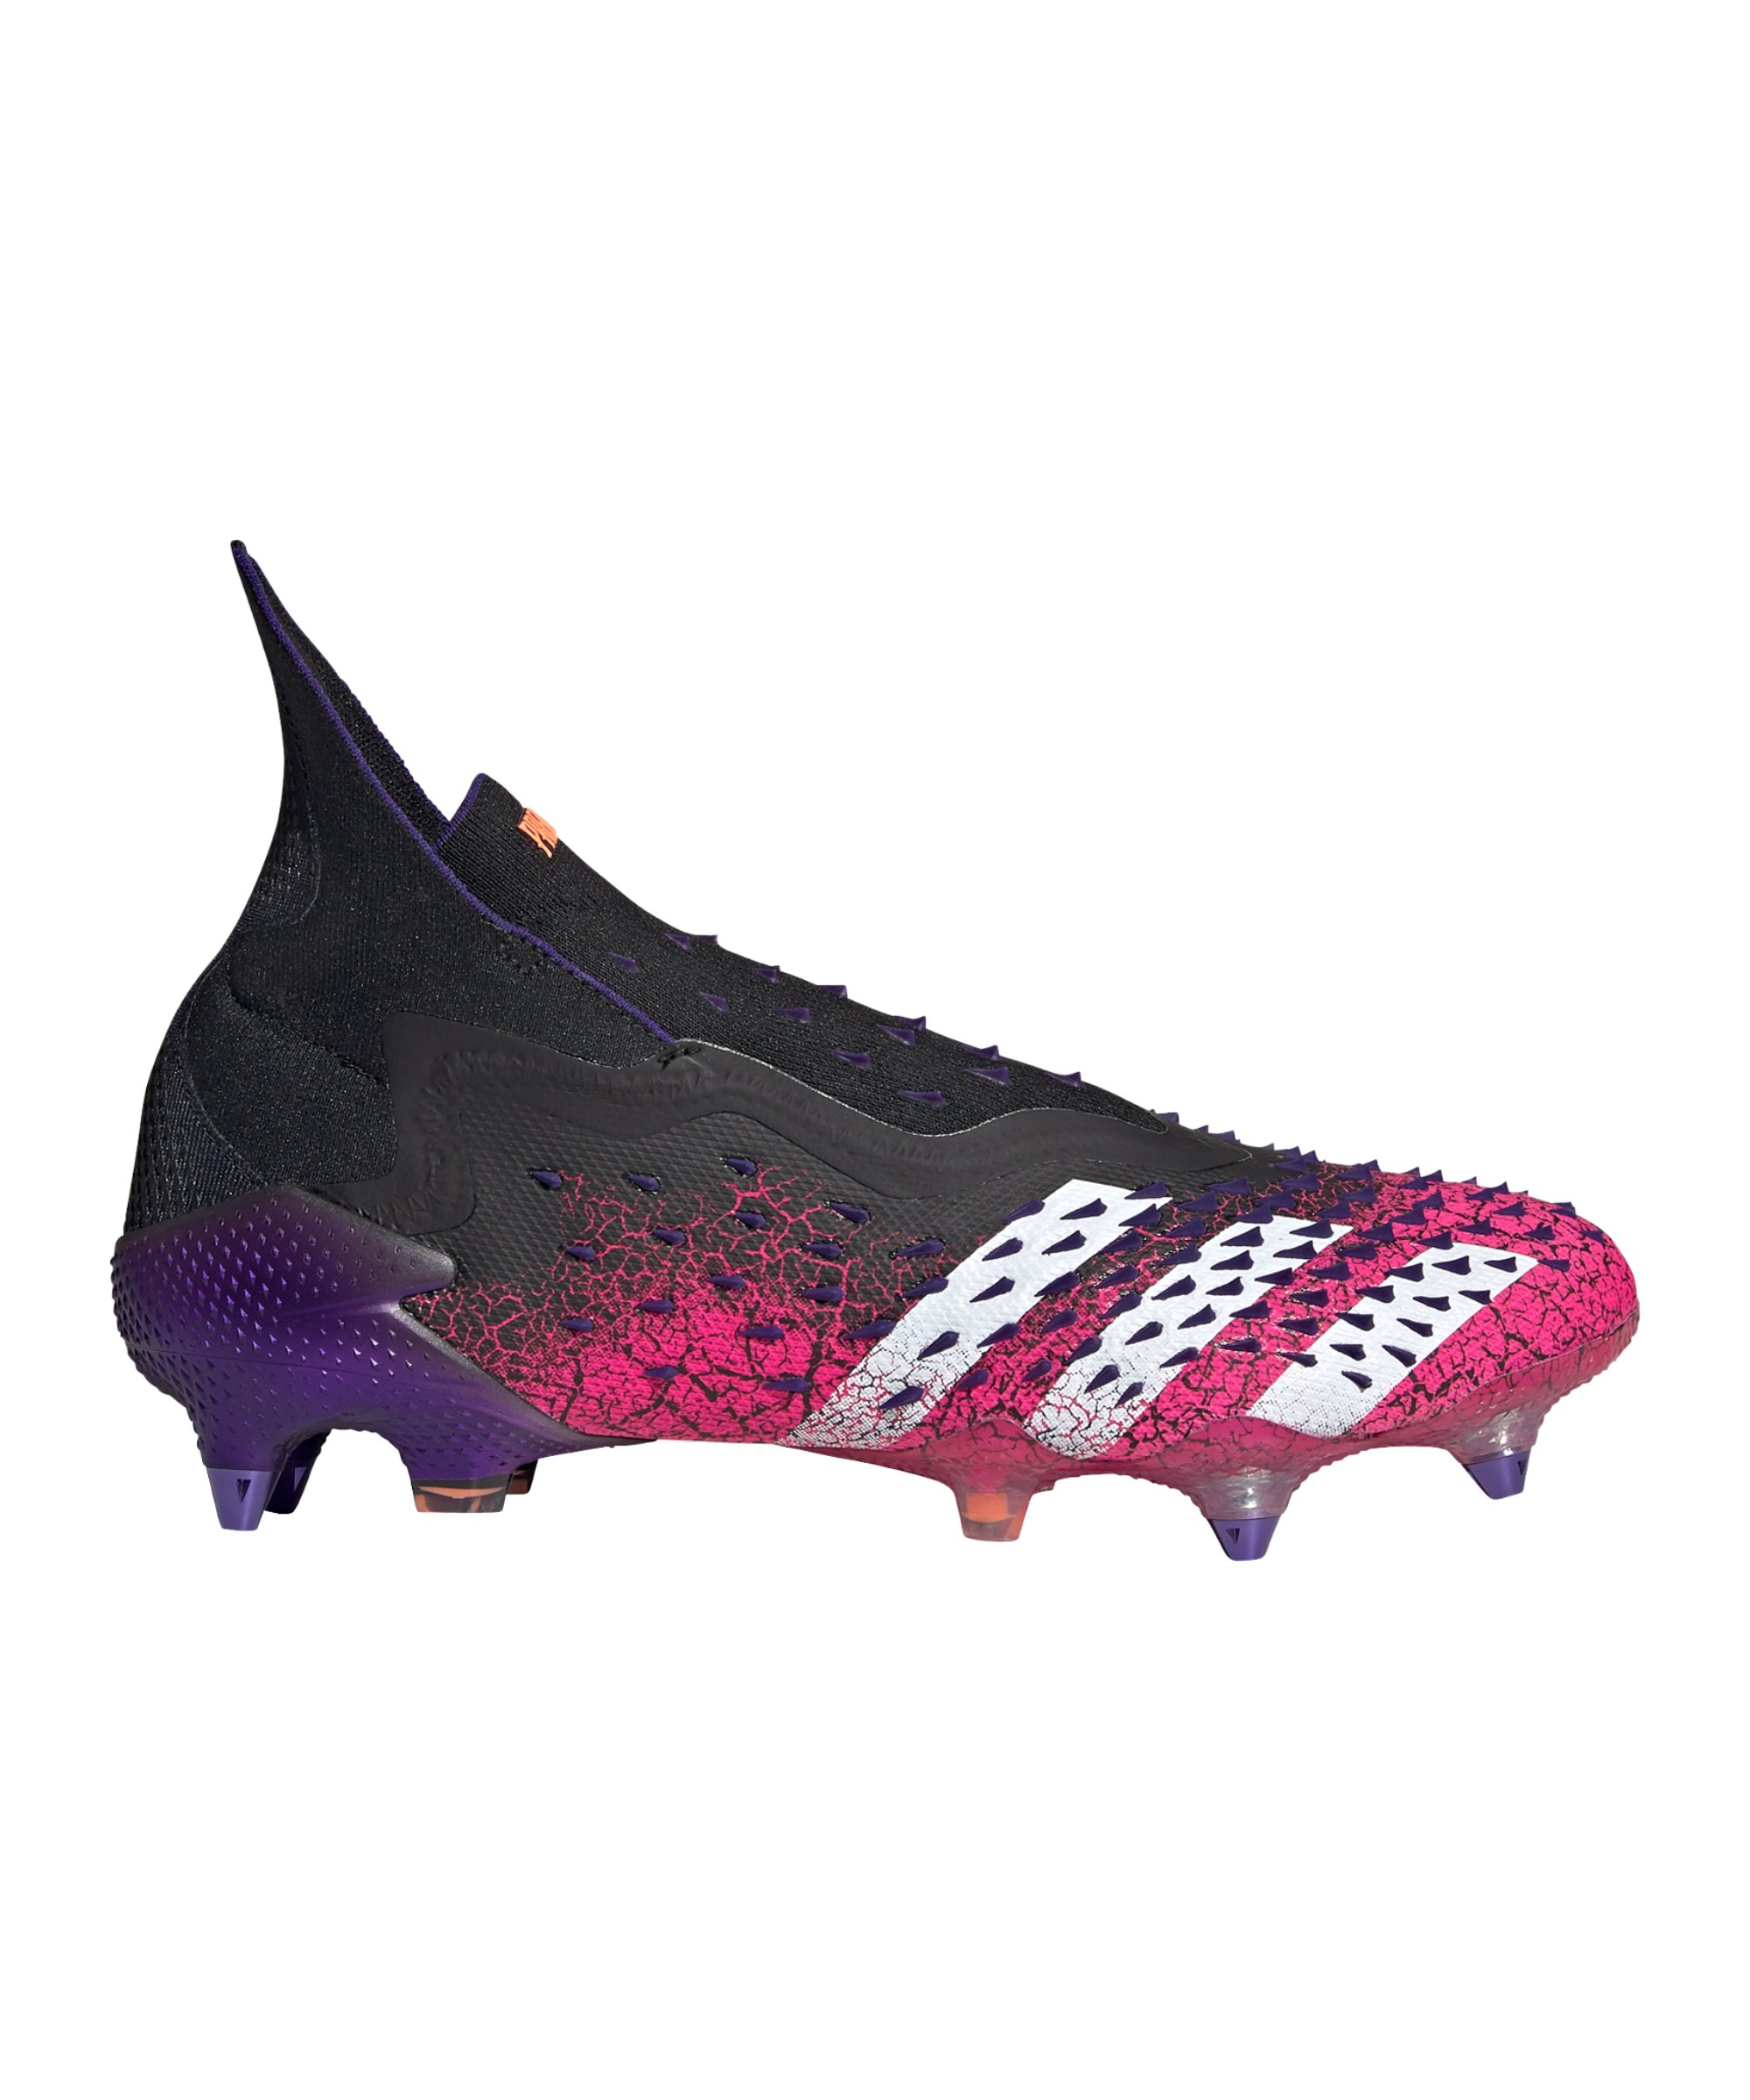 adidas Predator FREAK+ SG Superspectral Schwarz Weiss Pink - schwarz